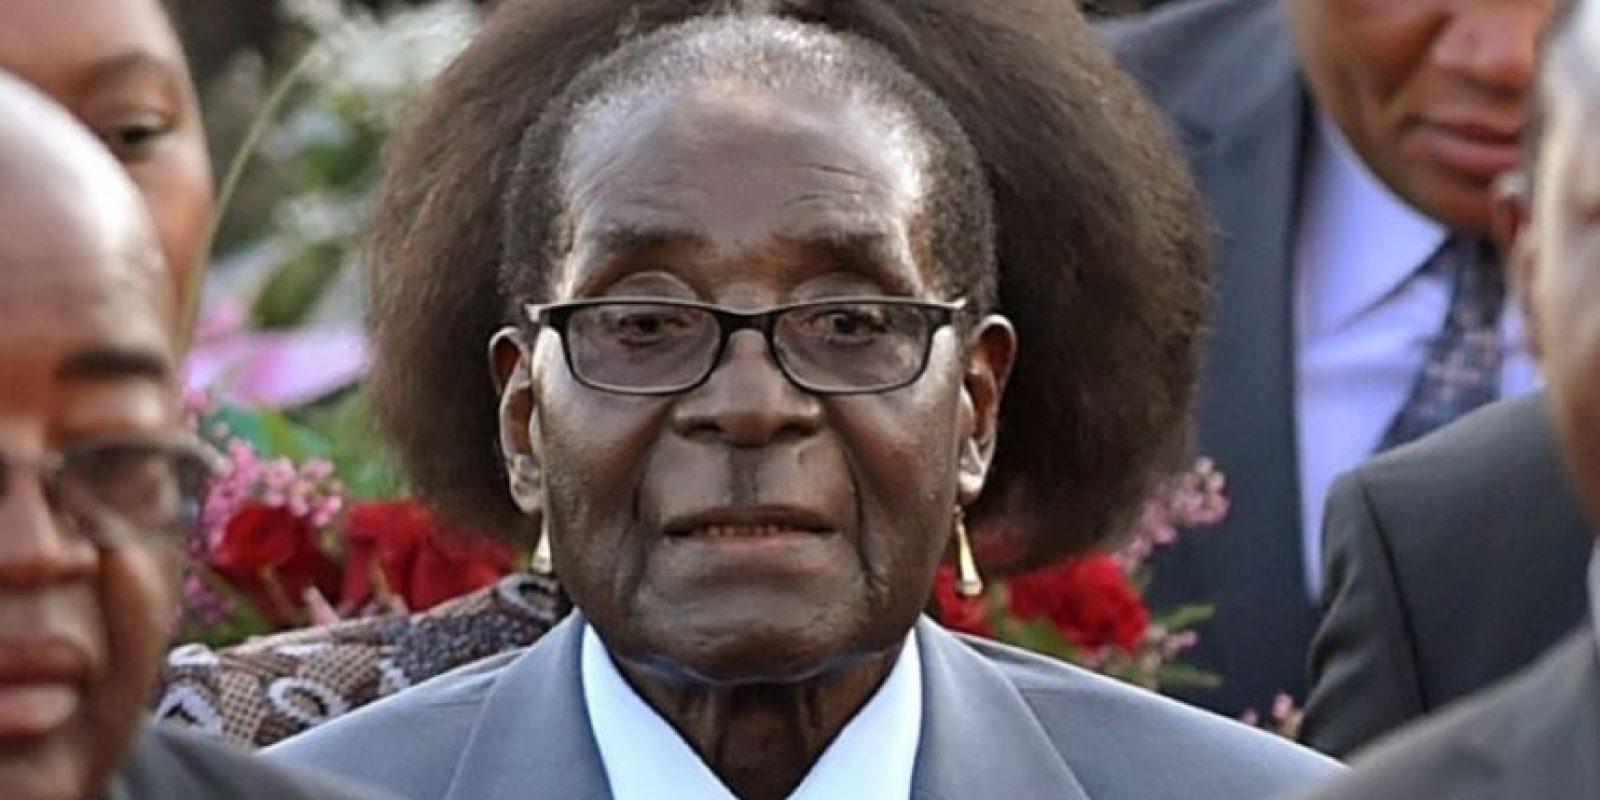 """El dictador de Zimbawe fue captado con un """"nuevo peinado"""" al ser fotografiado delante de una mujer. Foto:AP"""